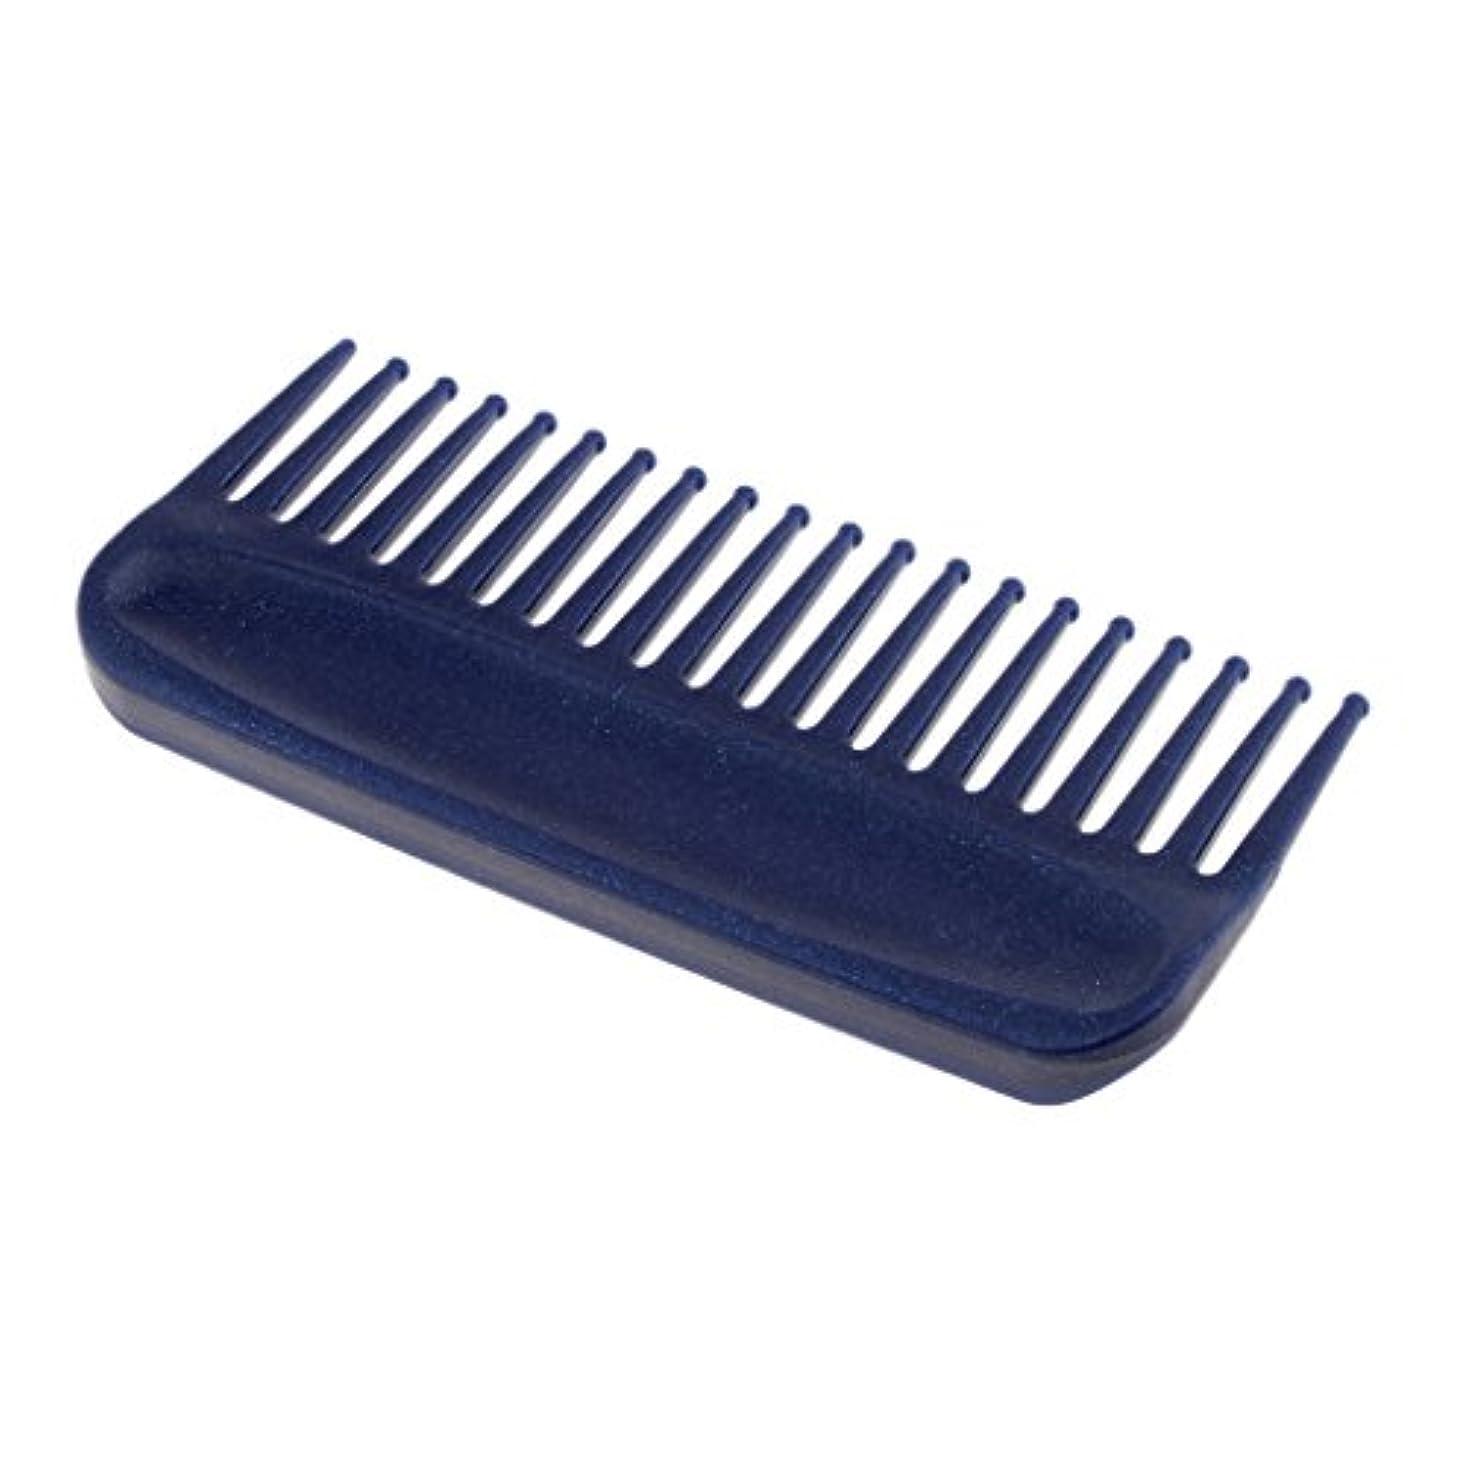 週末根拠マウスピースInjoyo サロンヘアケアもつれを解く髪の櫛、ヘアブラシアンチスタティック広歯櫛ポケット6 - 青